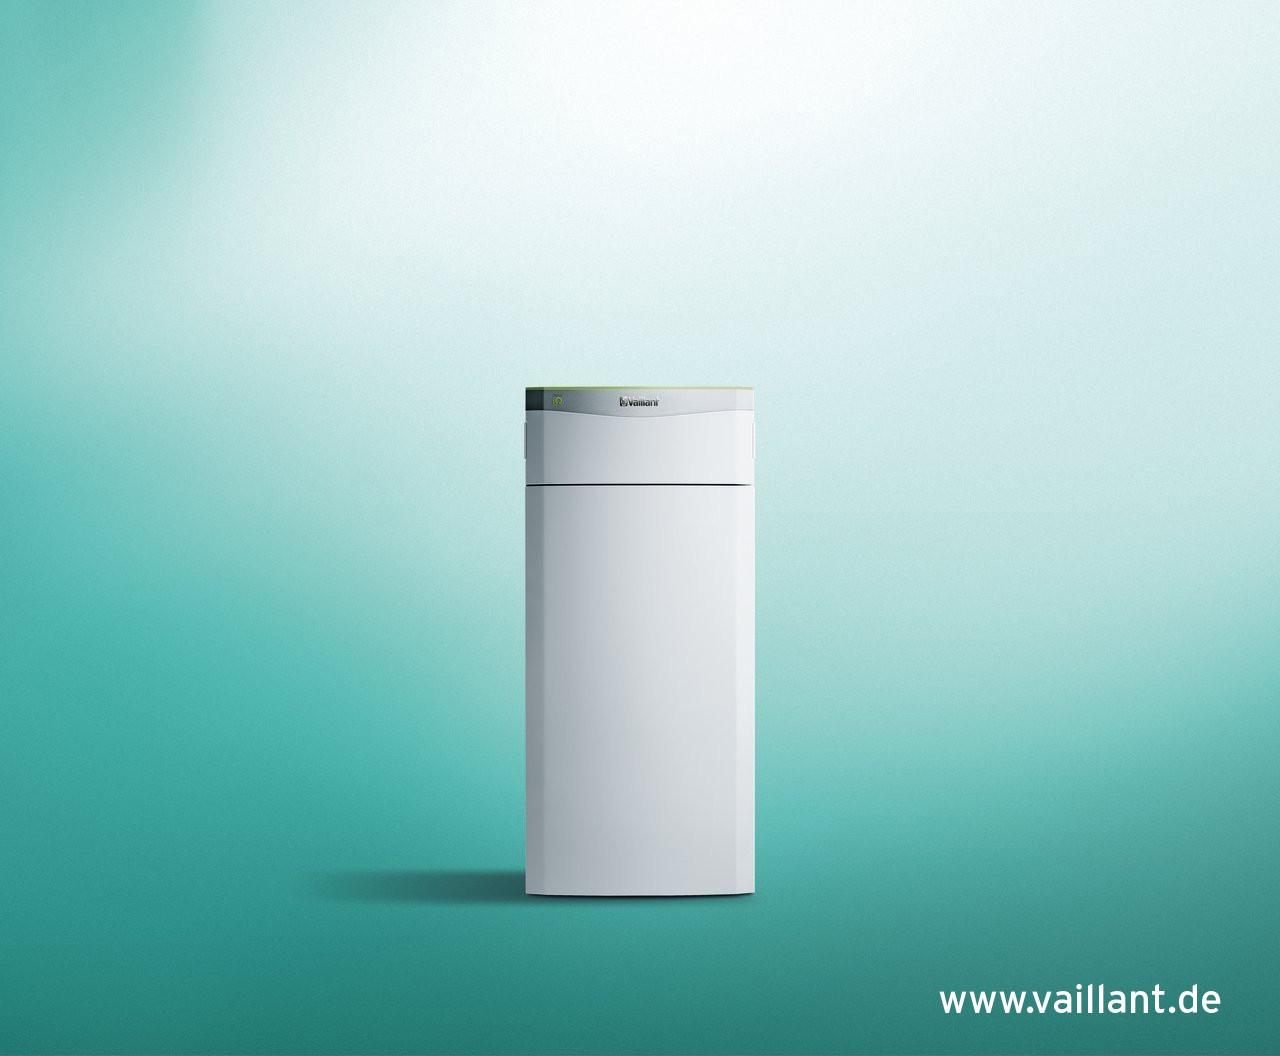 Vaillant VAILLANT flexoTHERM exclusive VWF 87/4